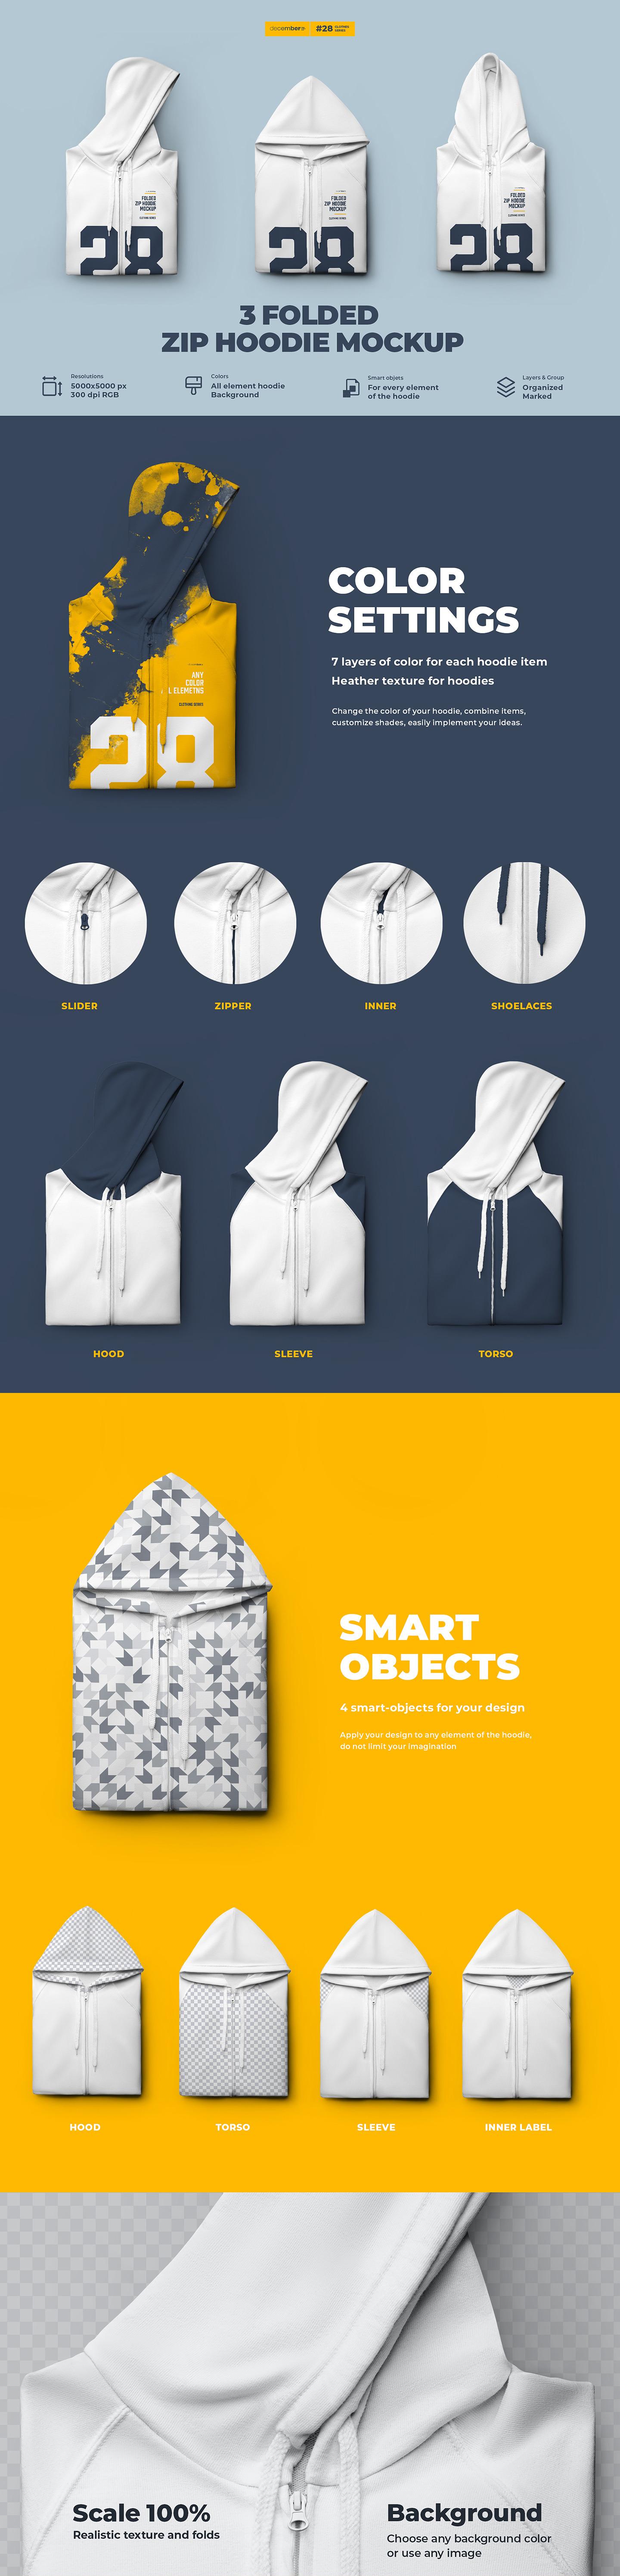 3款折叠拉链连衣帽衫卫衣设计展示样机模板 3 Folded Zip Hoodie Mockup插图